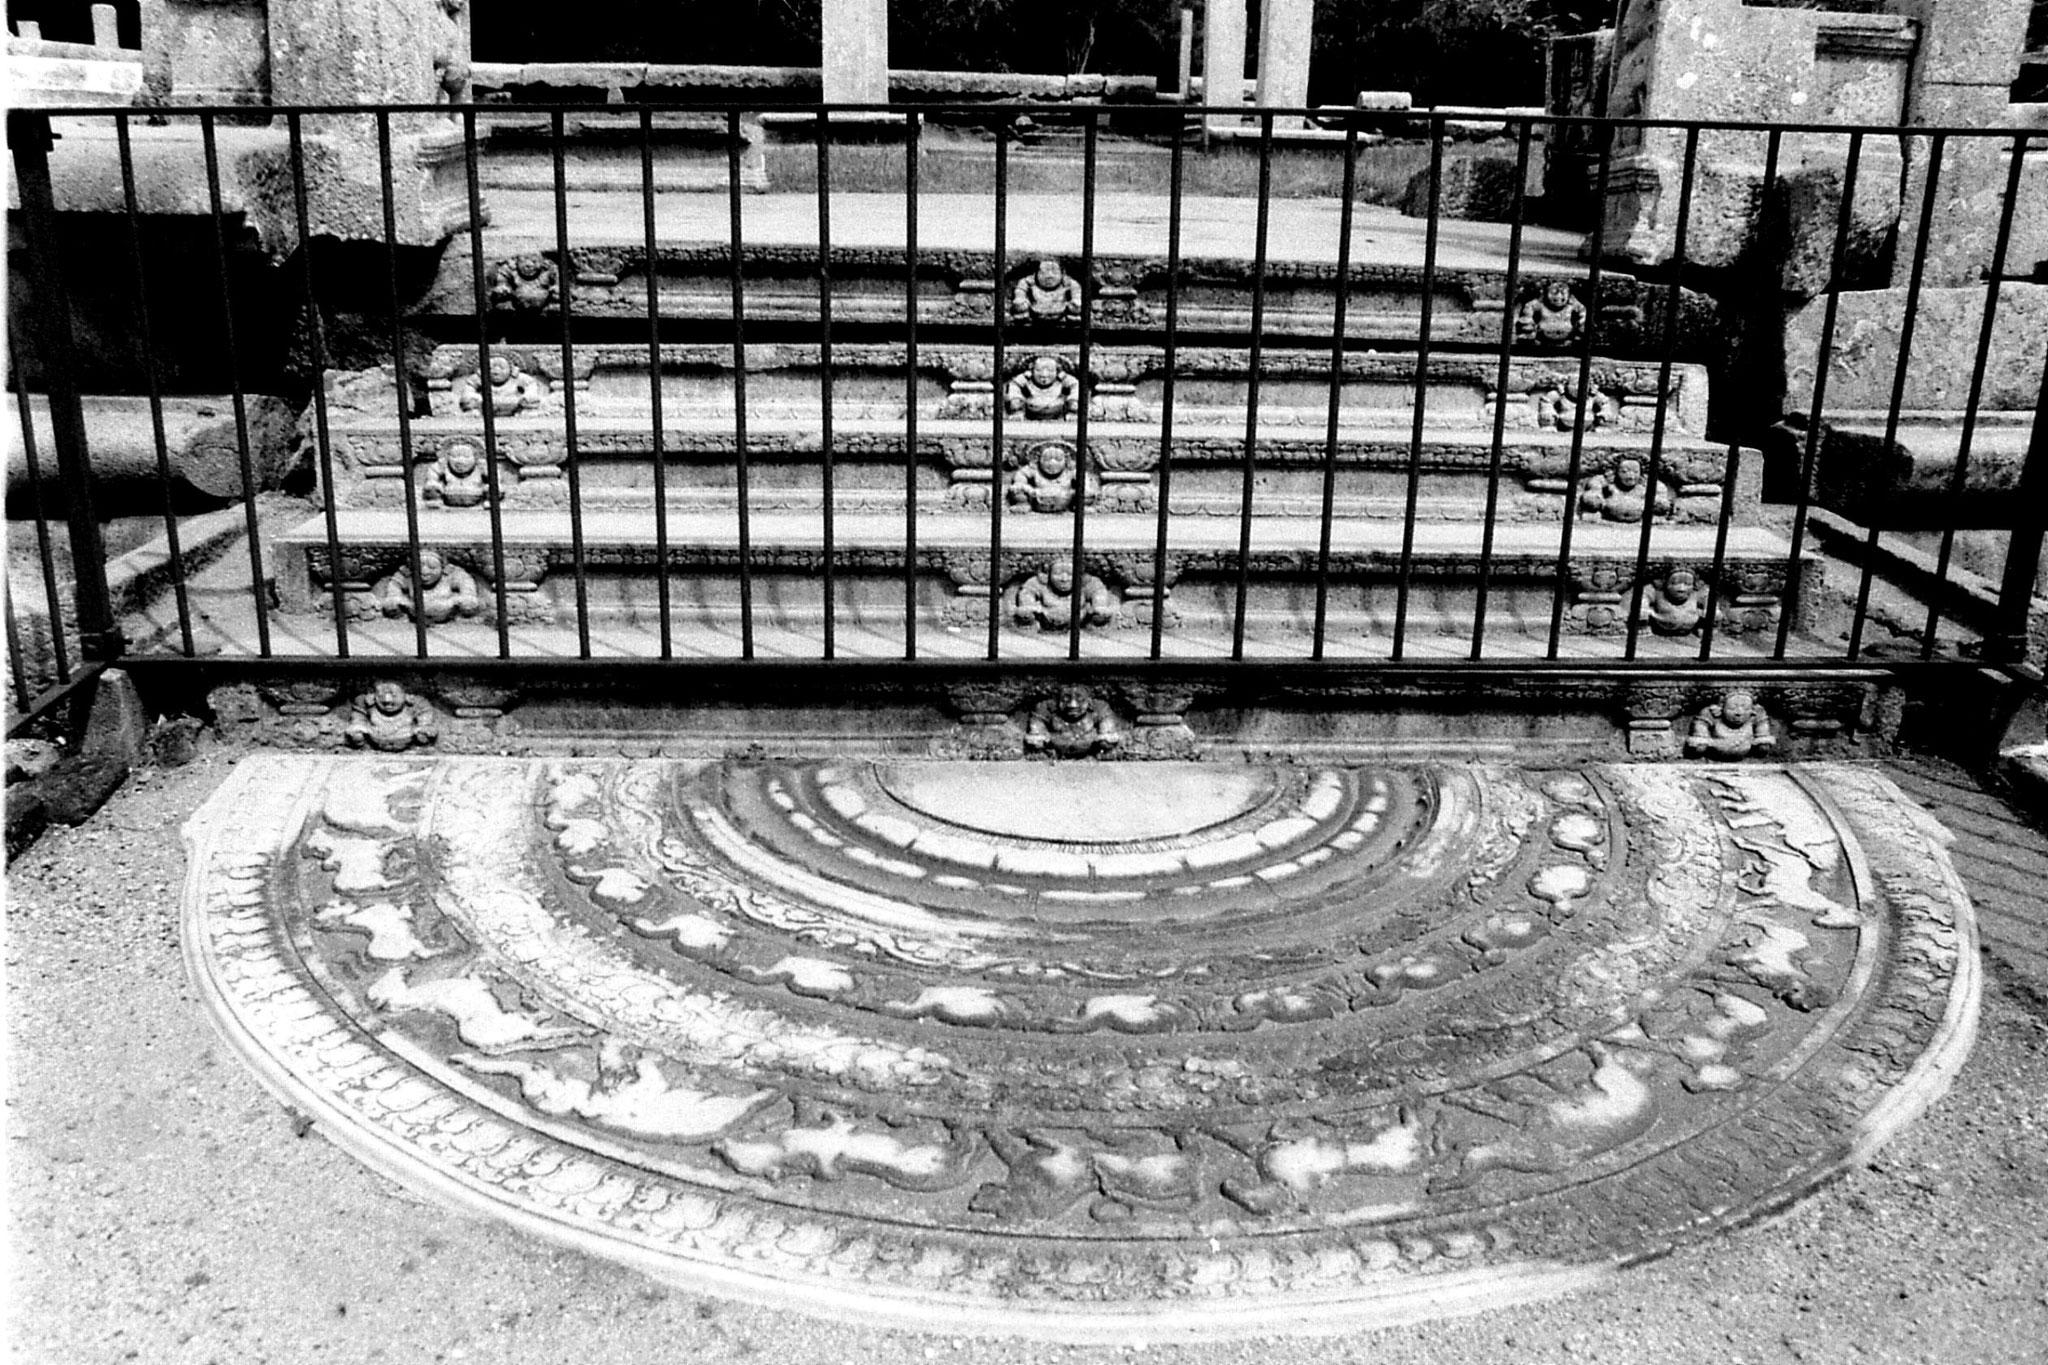 9/2/90: 26: Anuradhapura